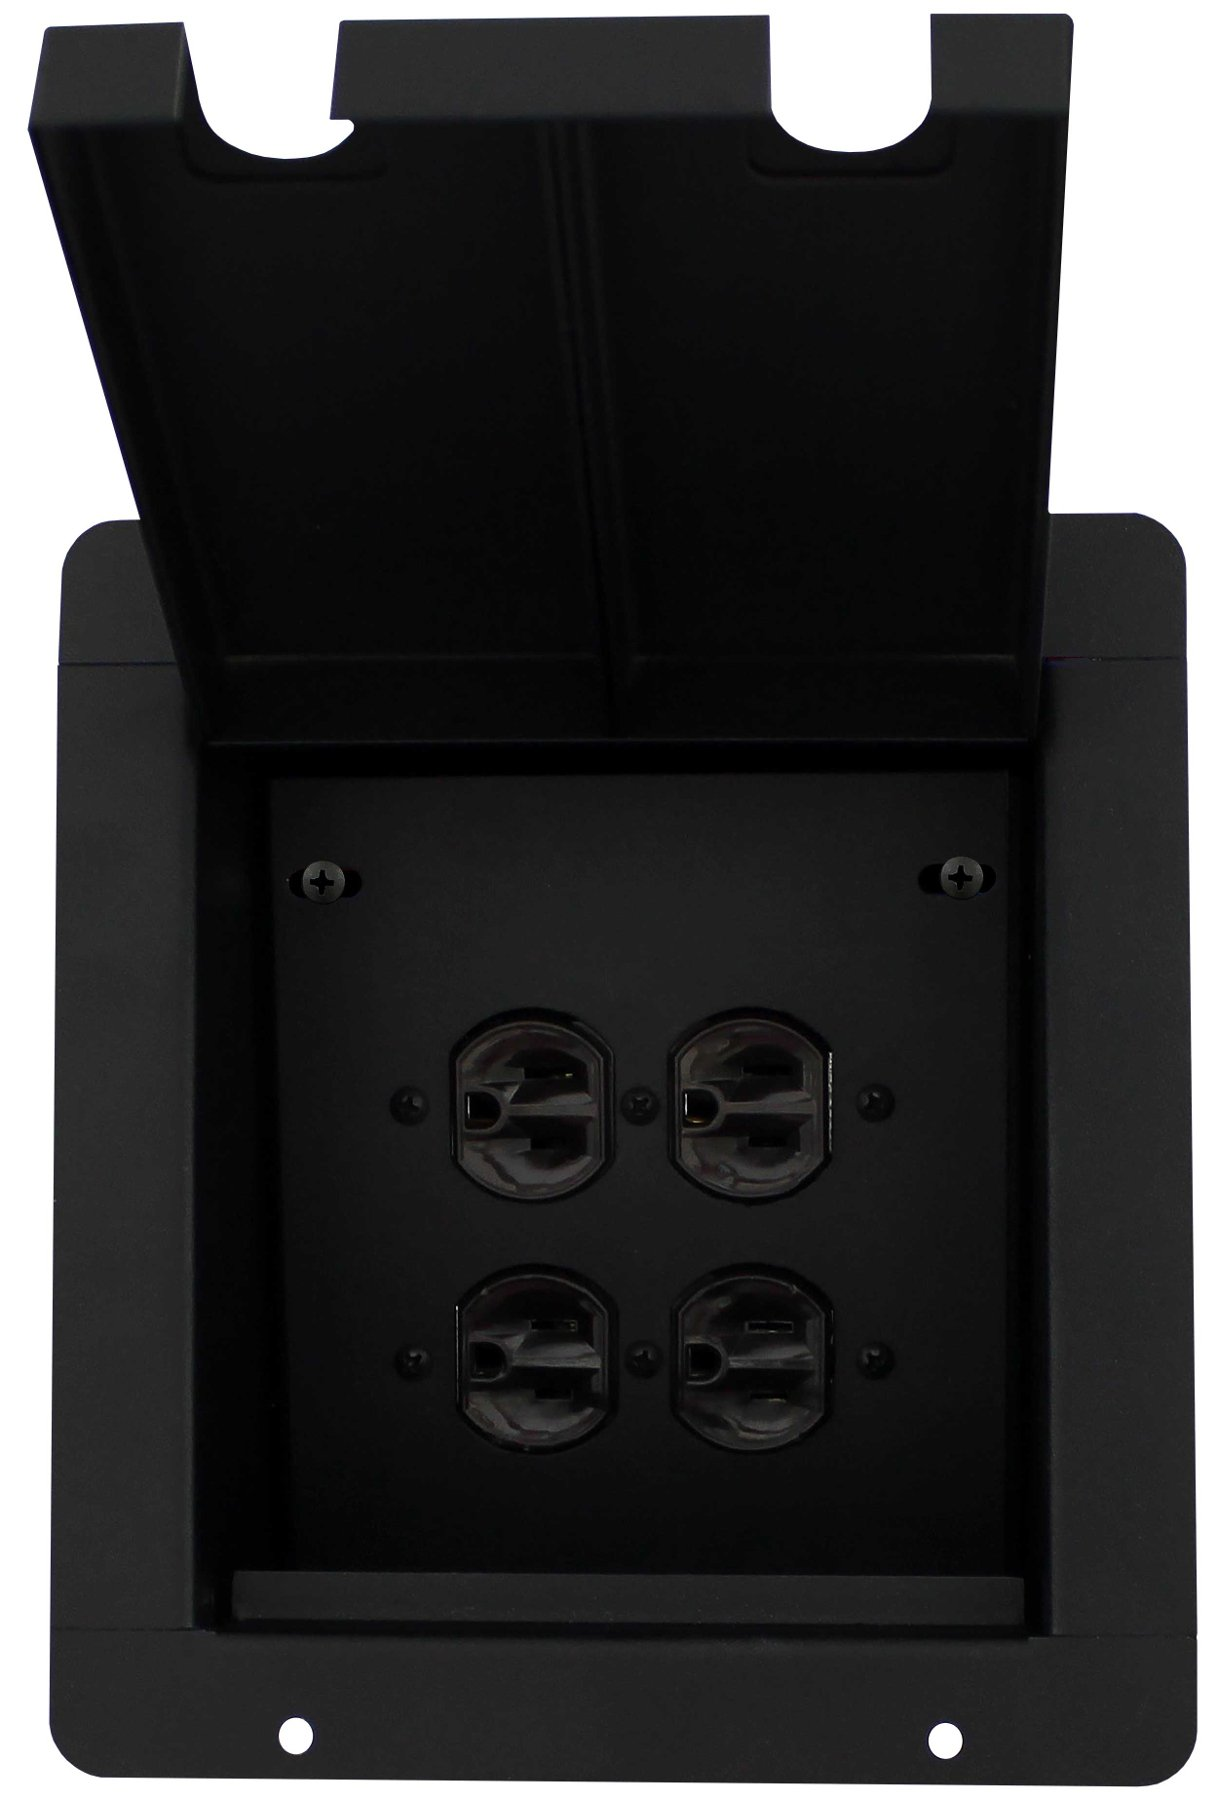 Pro Co Sound Pocket with 2-Duplex AC Connectors